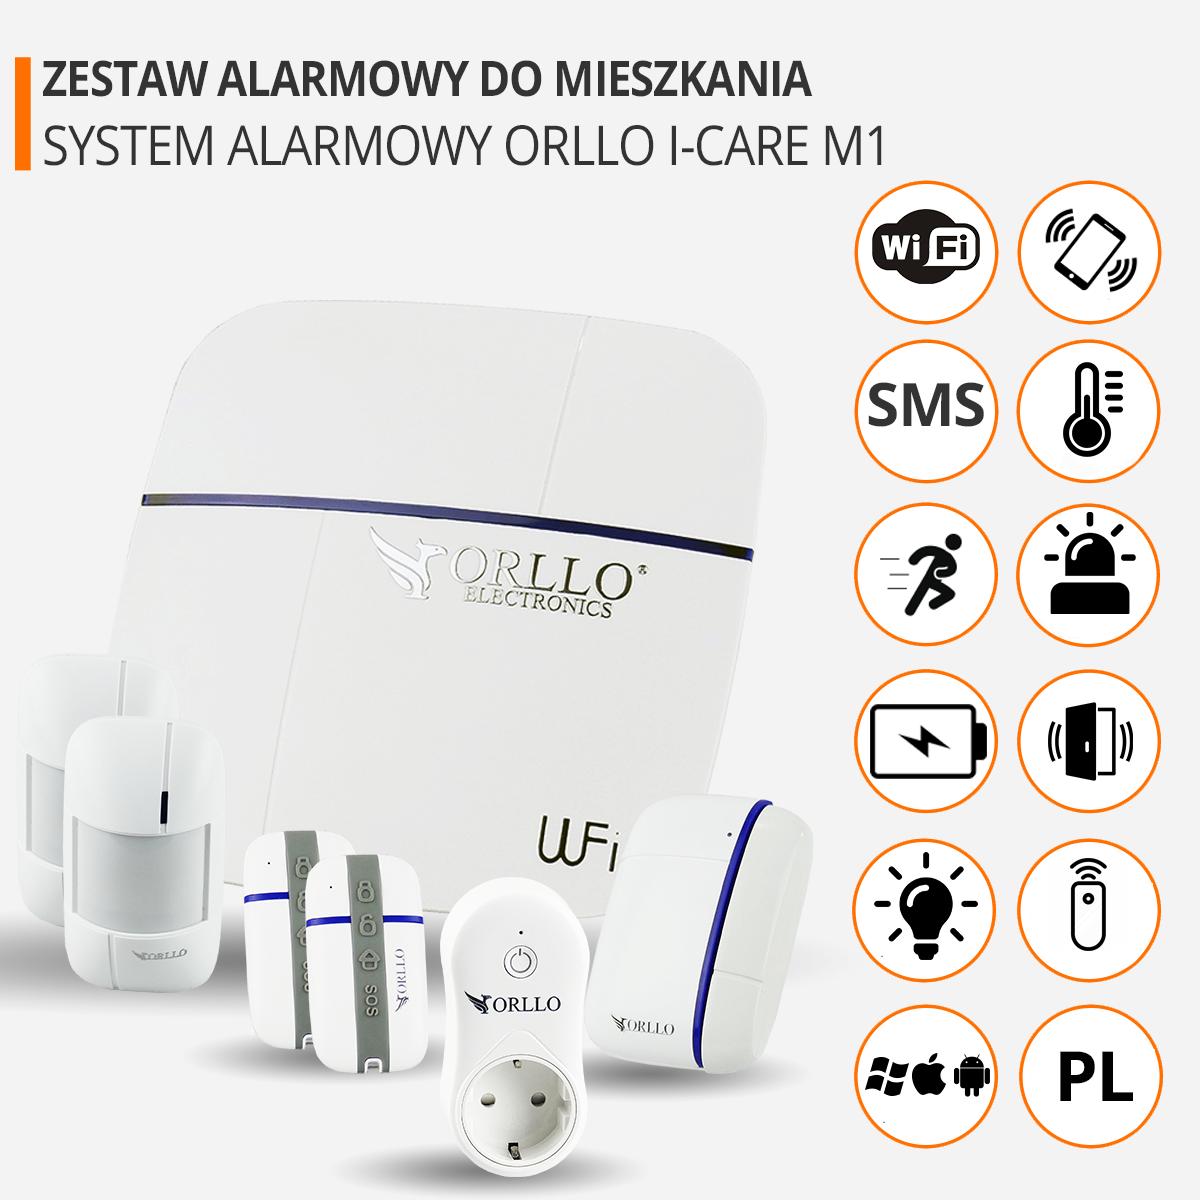 zestaw alarmowy do mieszkania wifi funkcje orllo.pl